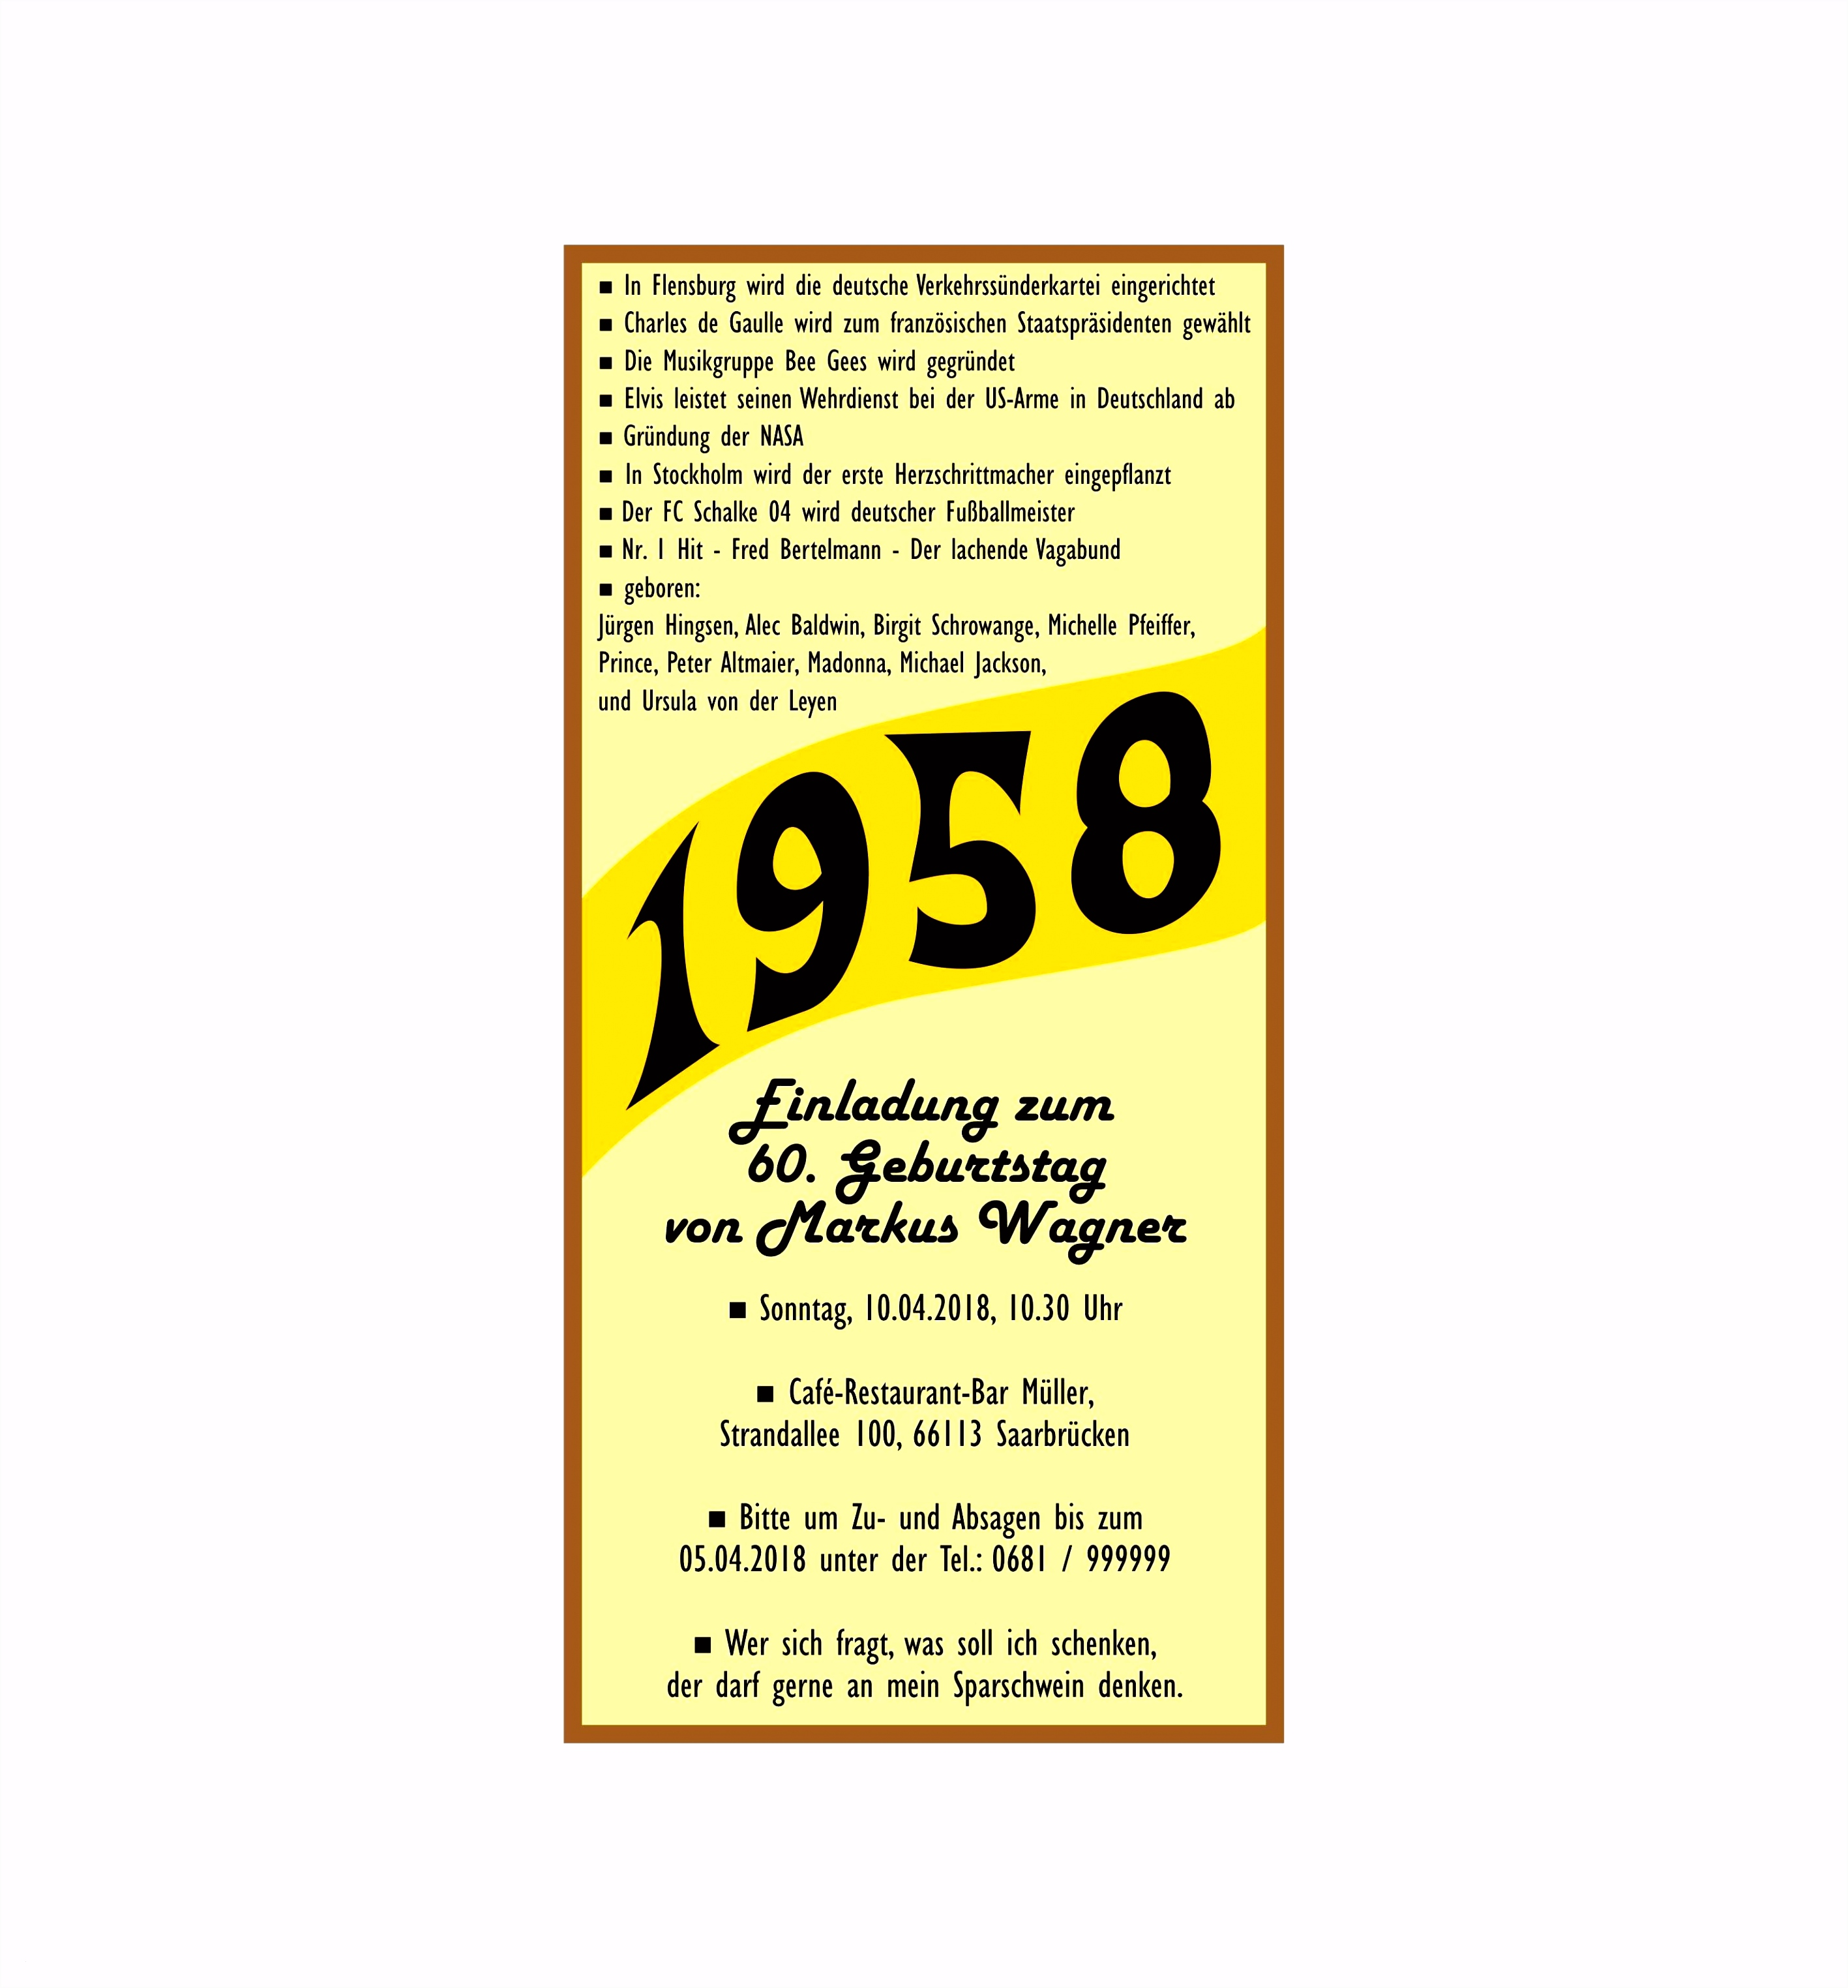 Einladungskarten Geburtstag 30 Vorlagen Einladung 30 Geburtstag Muster Einladungskarten Geburtstag Q4cr92gal4 Huimu0shk2